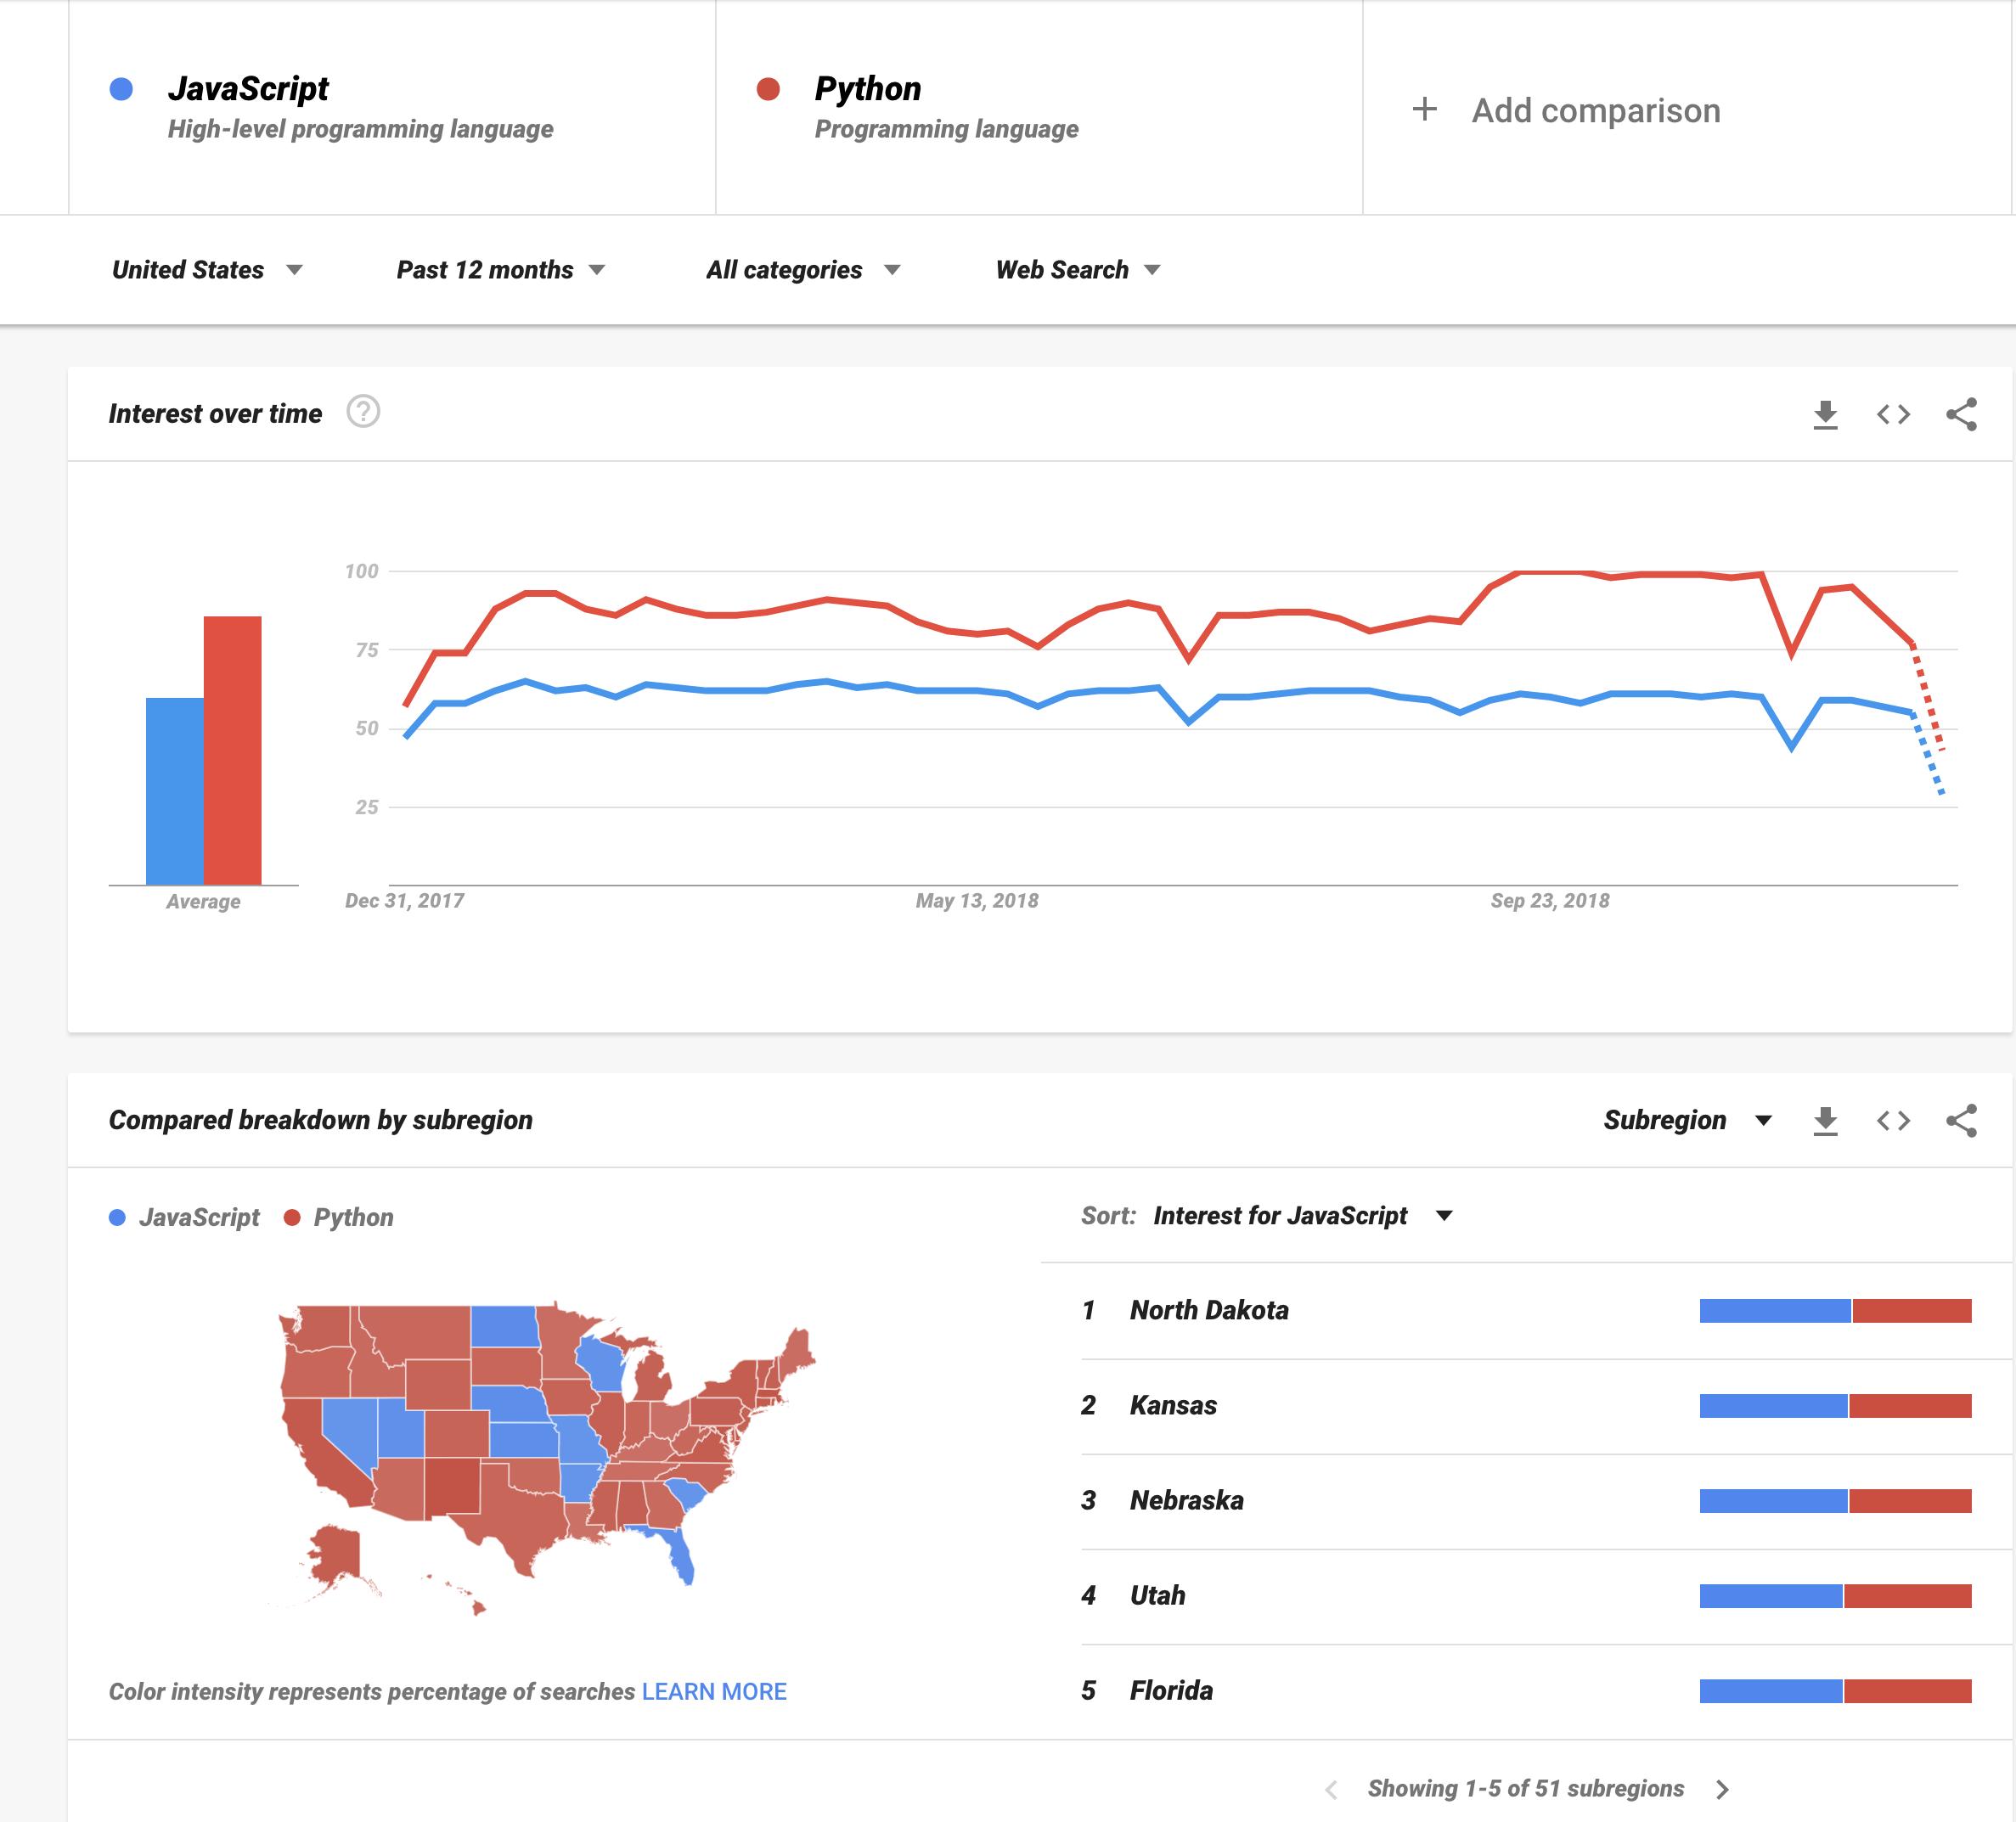 JavaScript vs. Python, US, last 12 months